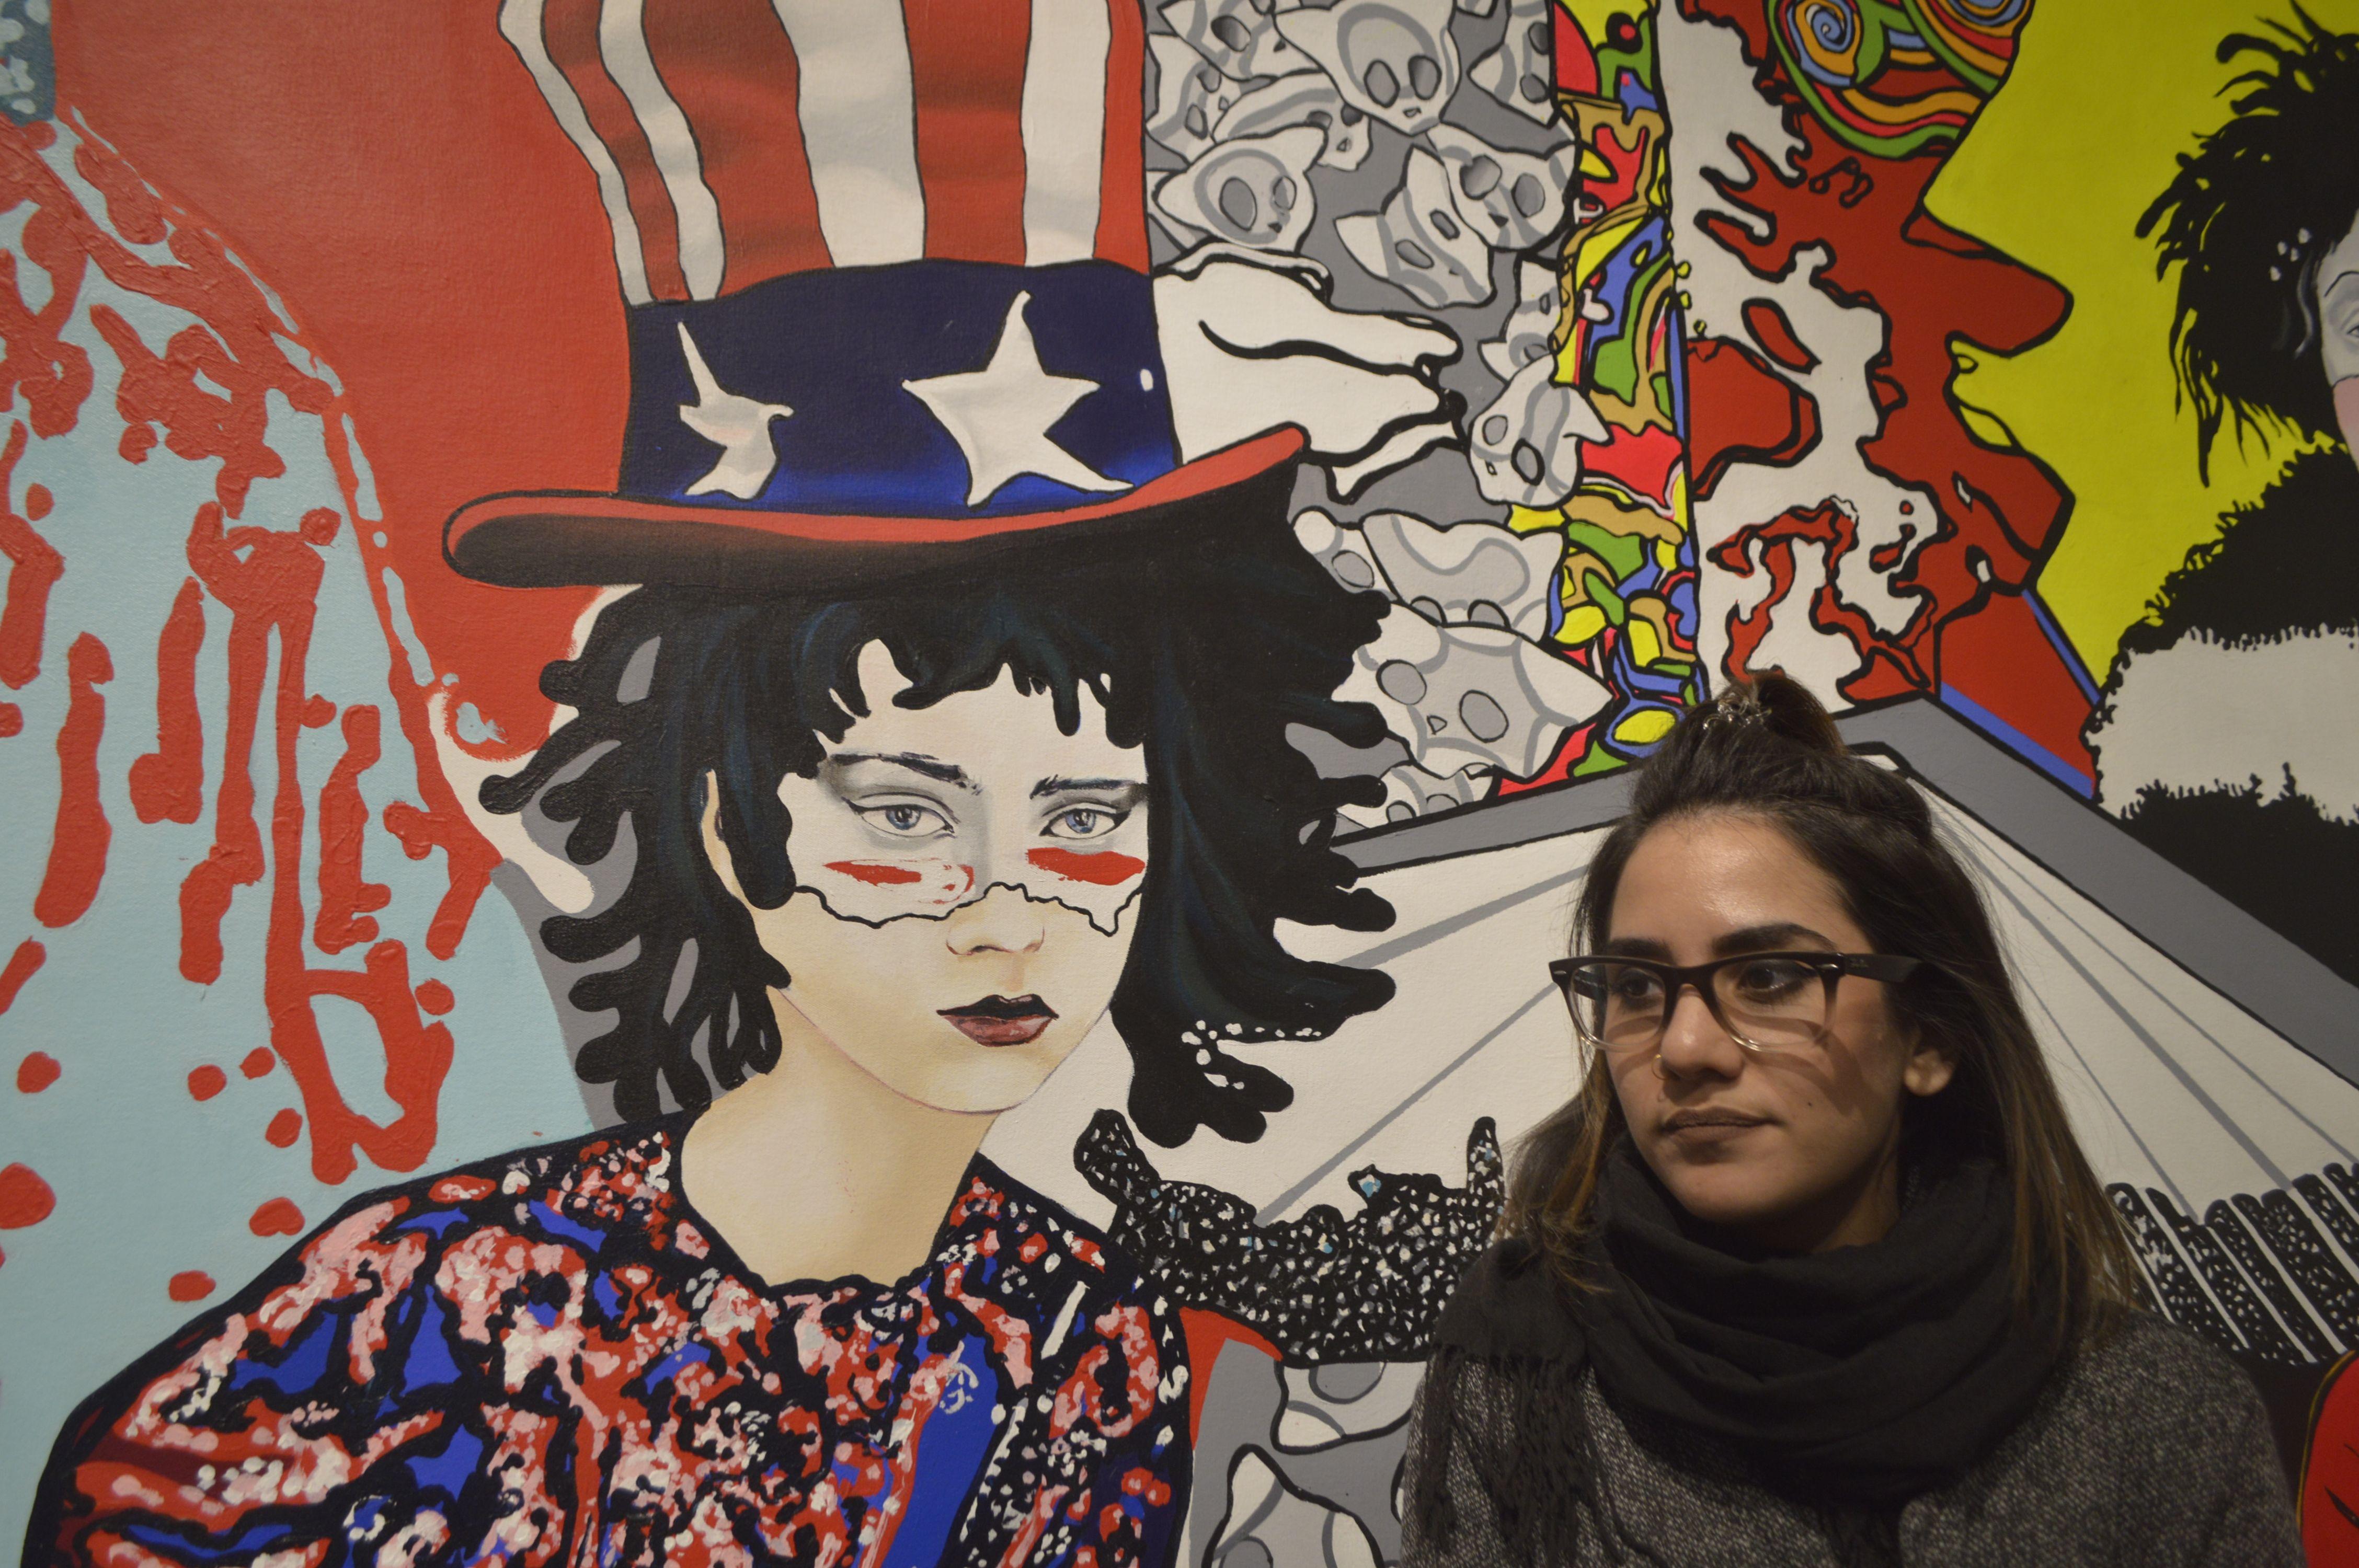 """La artista cubana Osy Milian junto a una de sus obras desplegadas en la muestra unipersonal """"C' moi, cest nous"""", en la galería Cheng Xindong de Pekín, en febrero de 2019."""